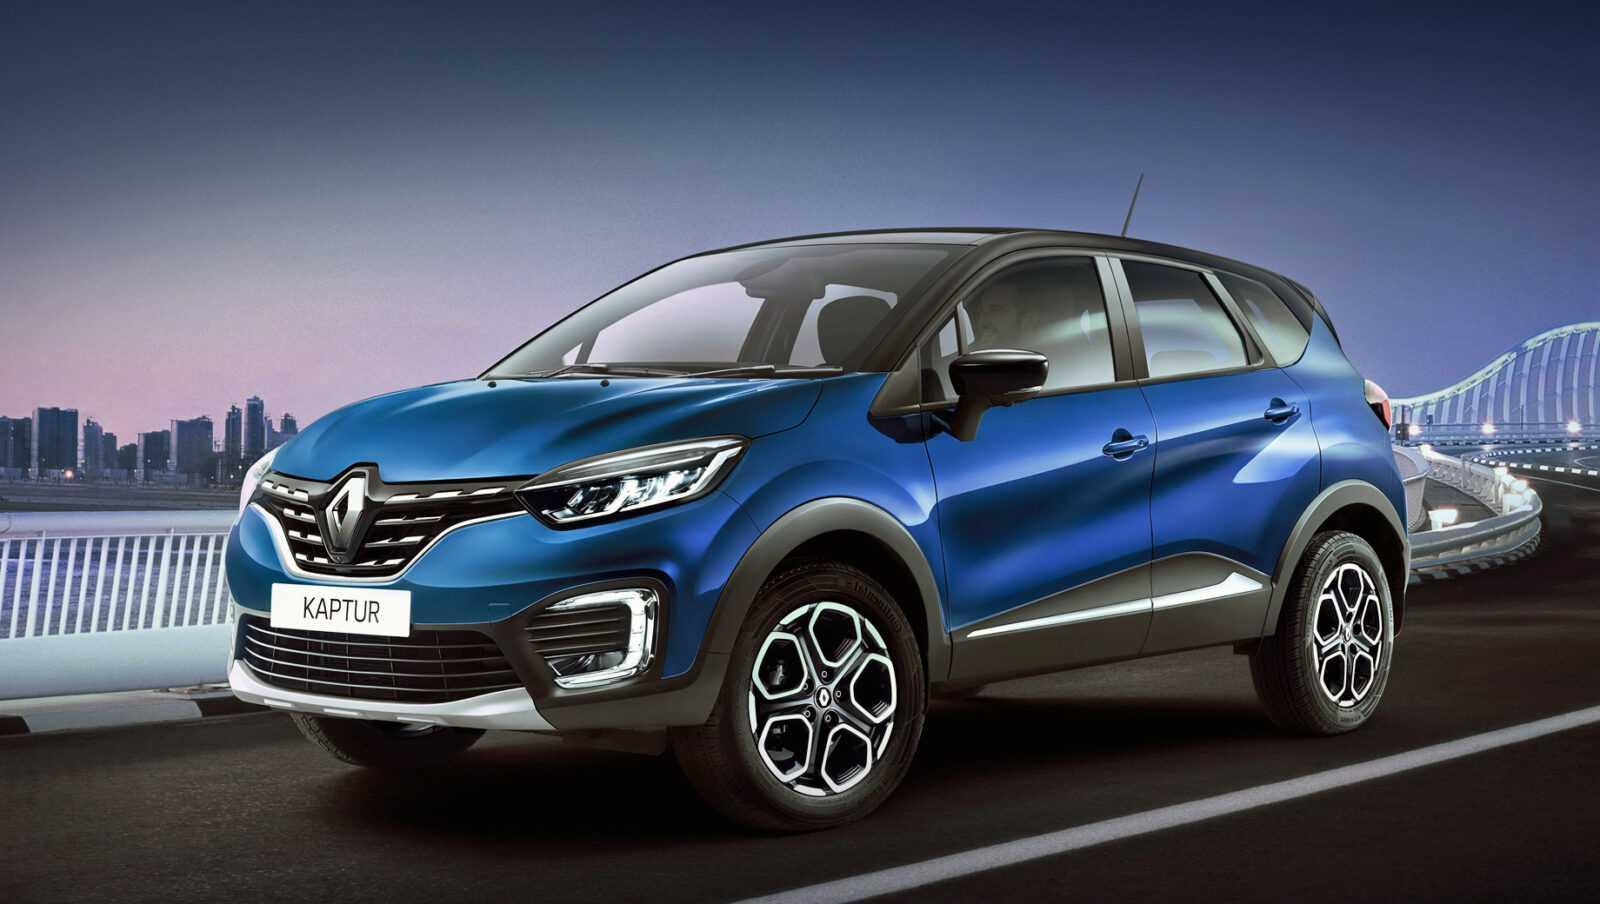 Renault и Ситидрайв начали сотрудничать (5e676472ec05c41a7a000015)